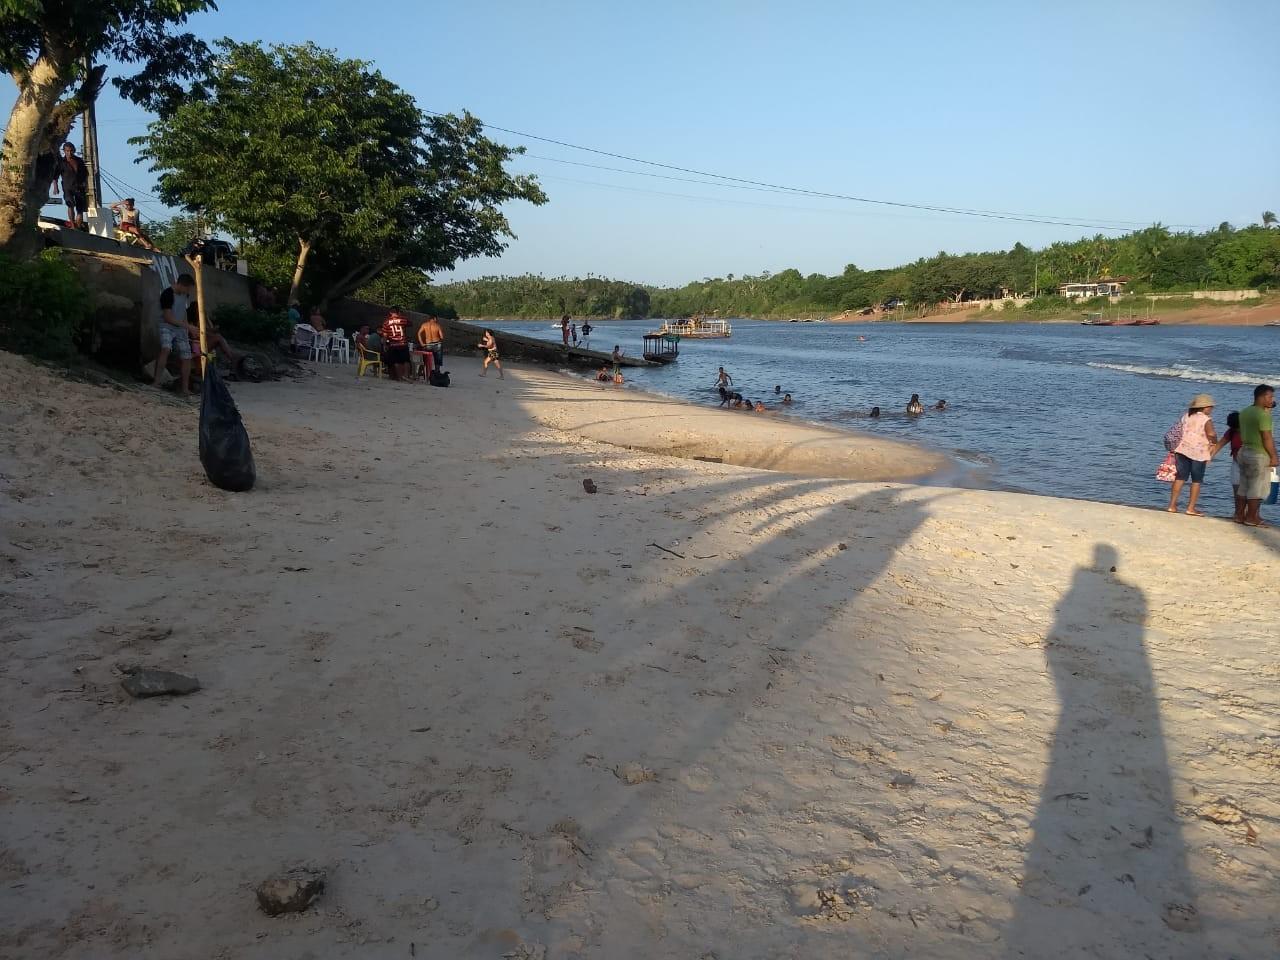 Homem morre afogado e corpo é encontrado no Rio Munim no MA  - Notícias - Plantão Diário